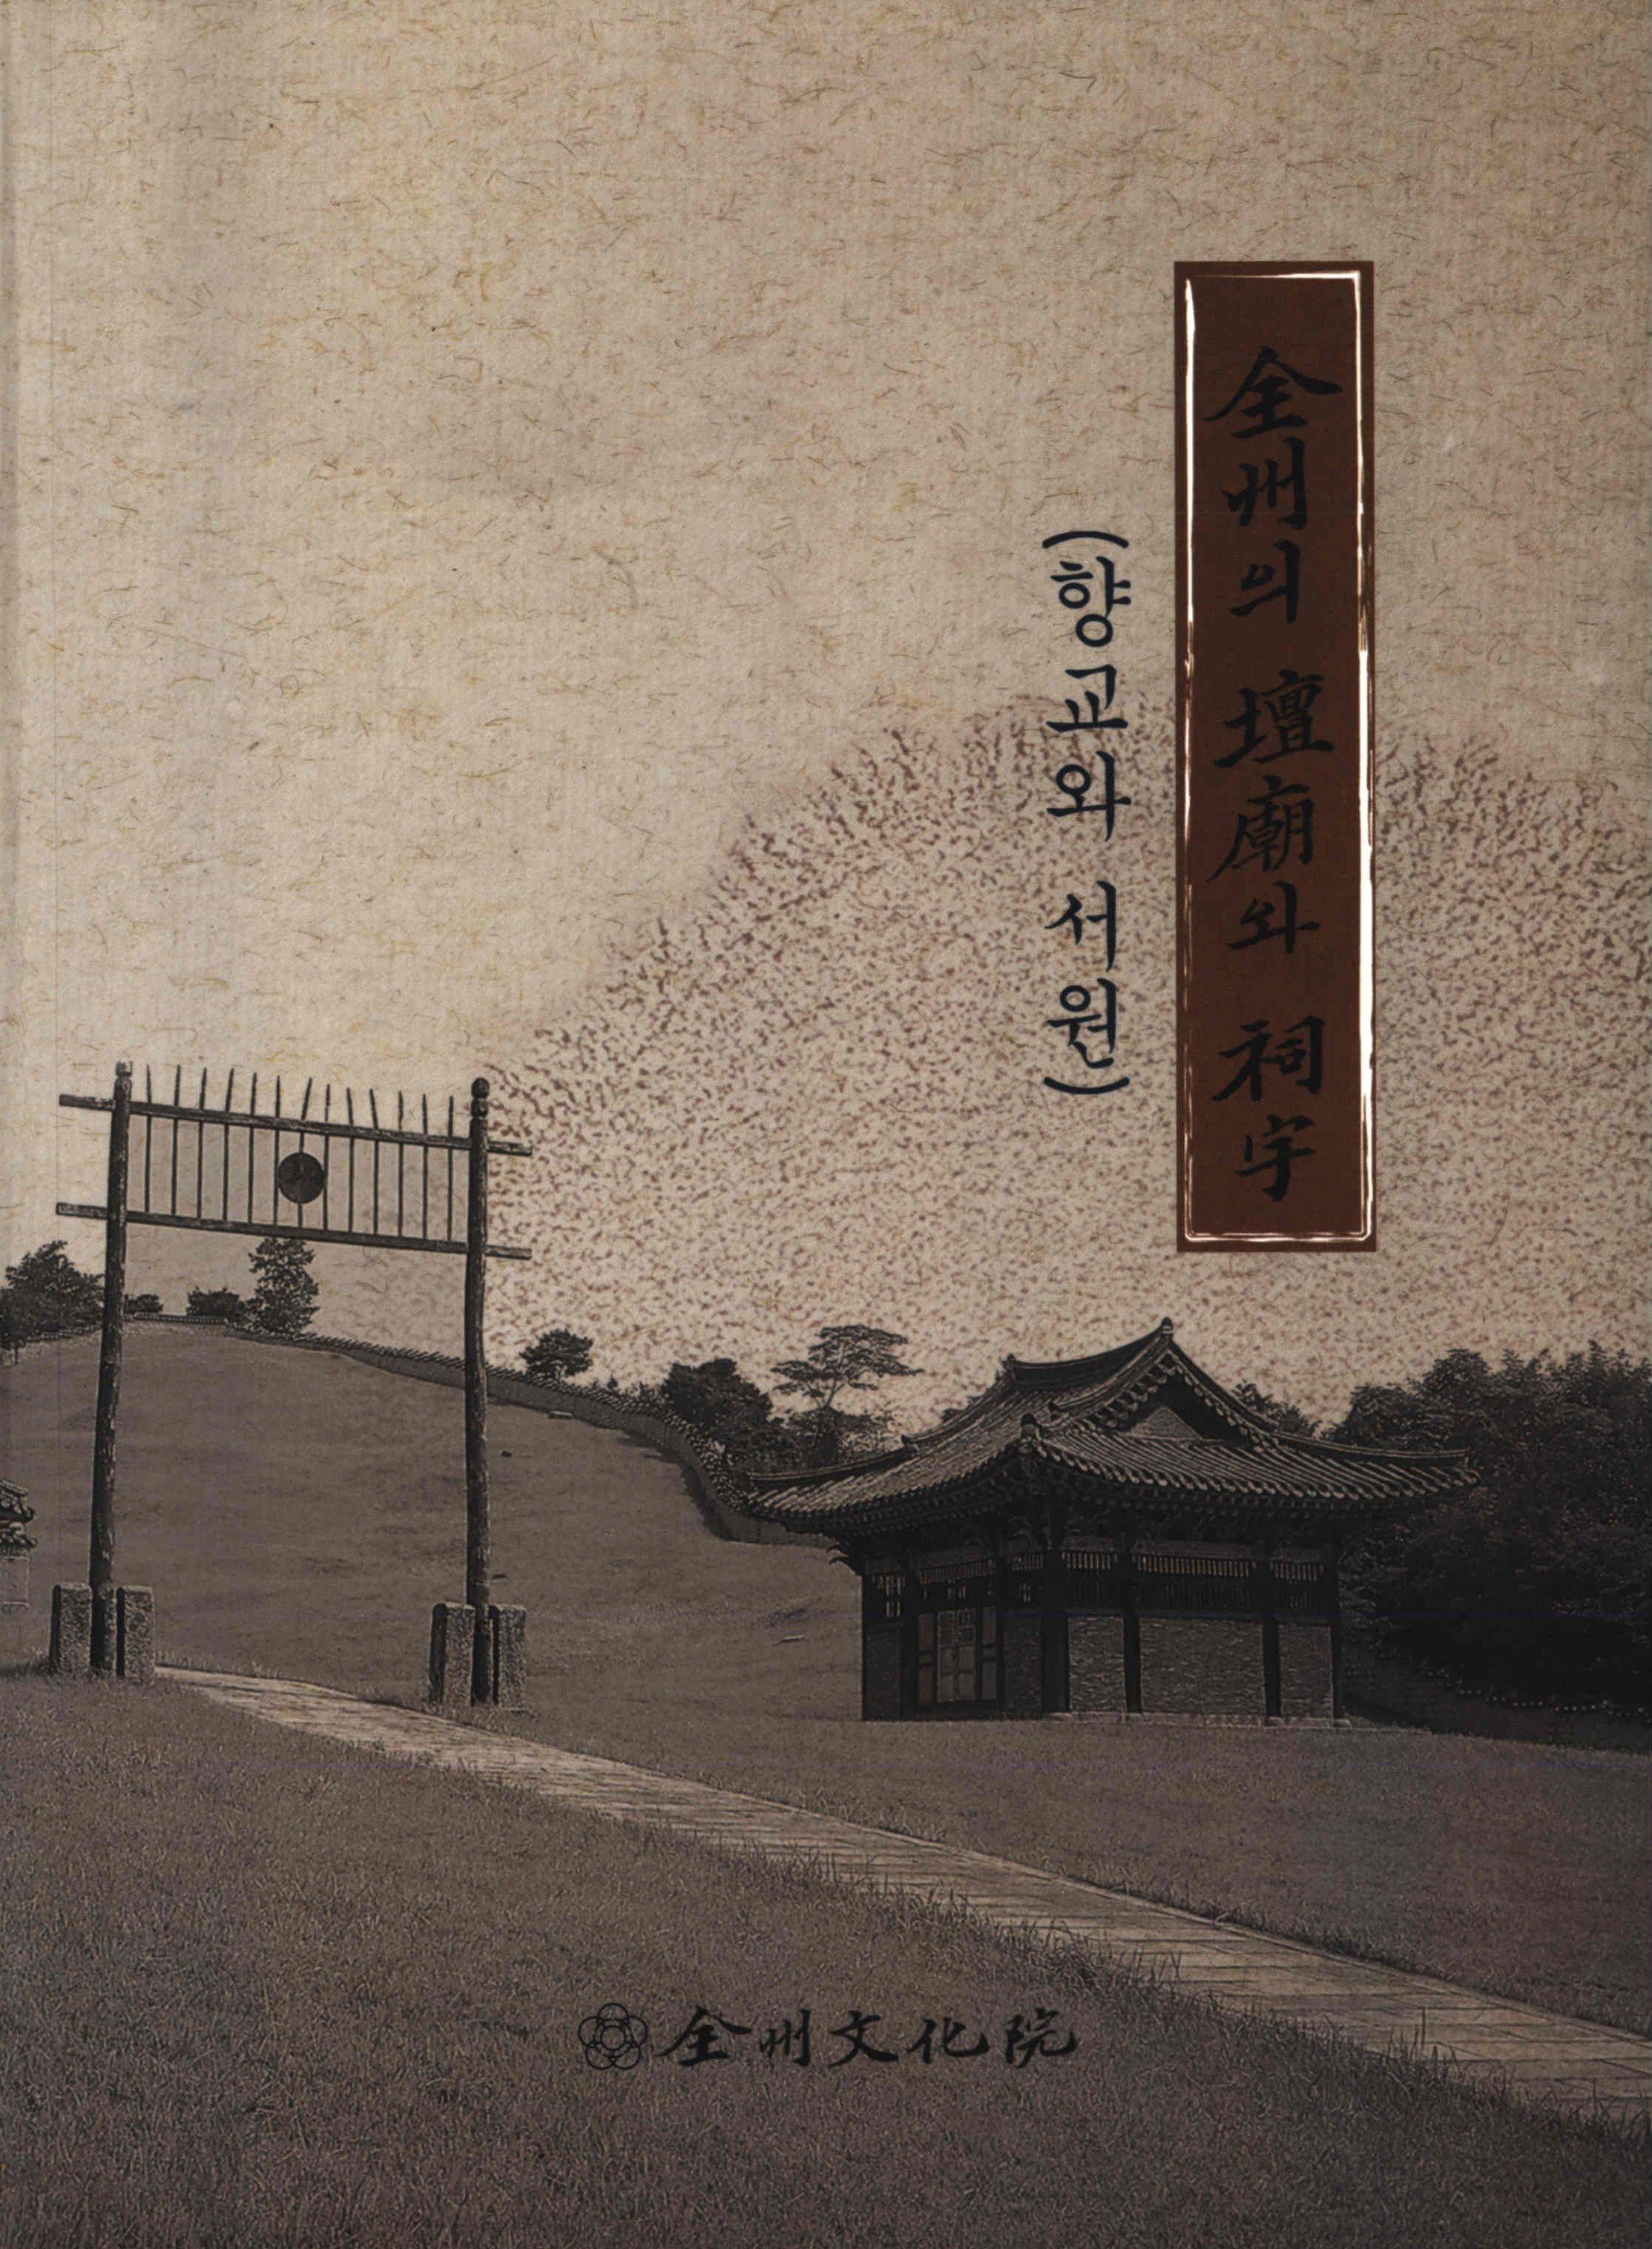 全州의 壇廟와 祠宇 (향교와 서원)